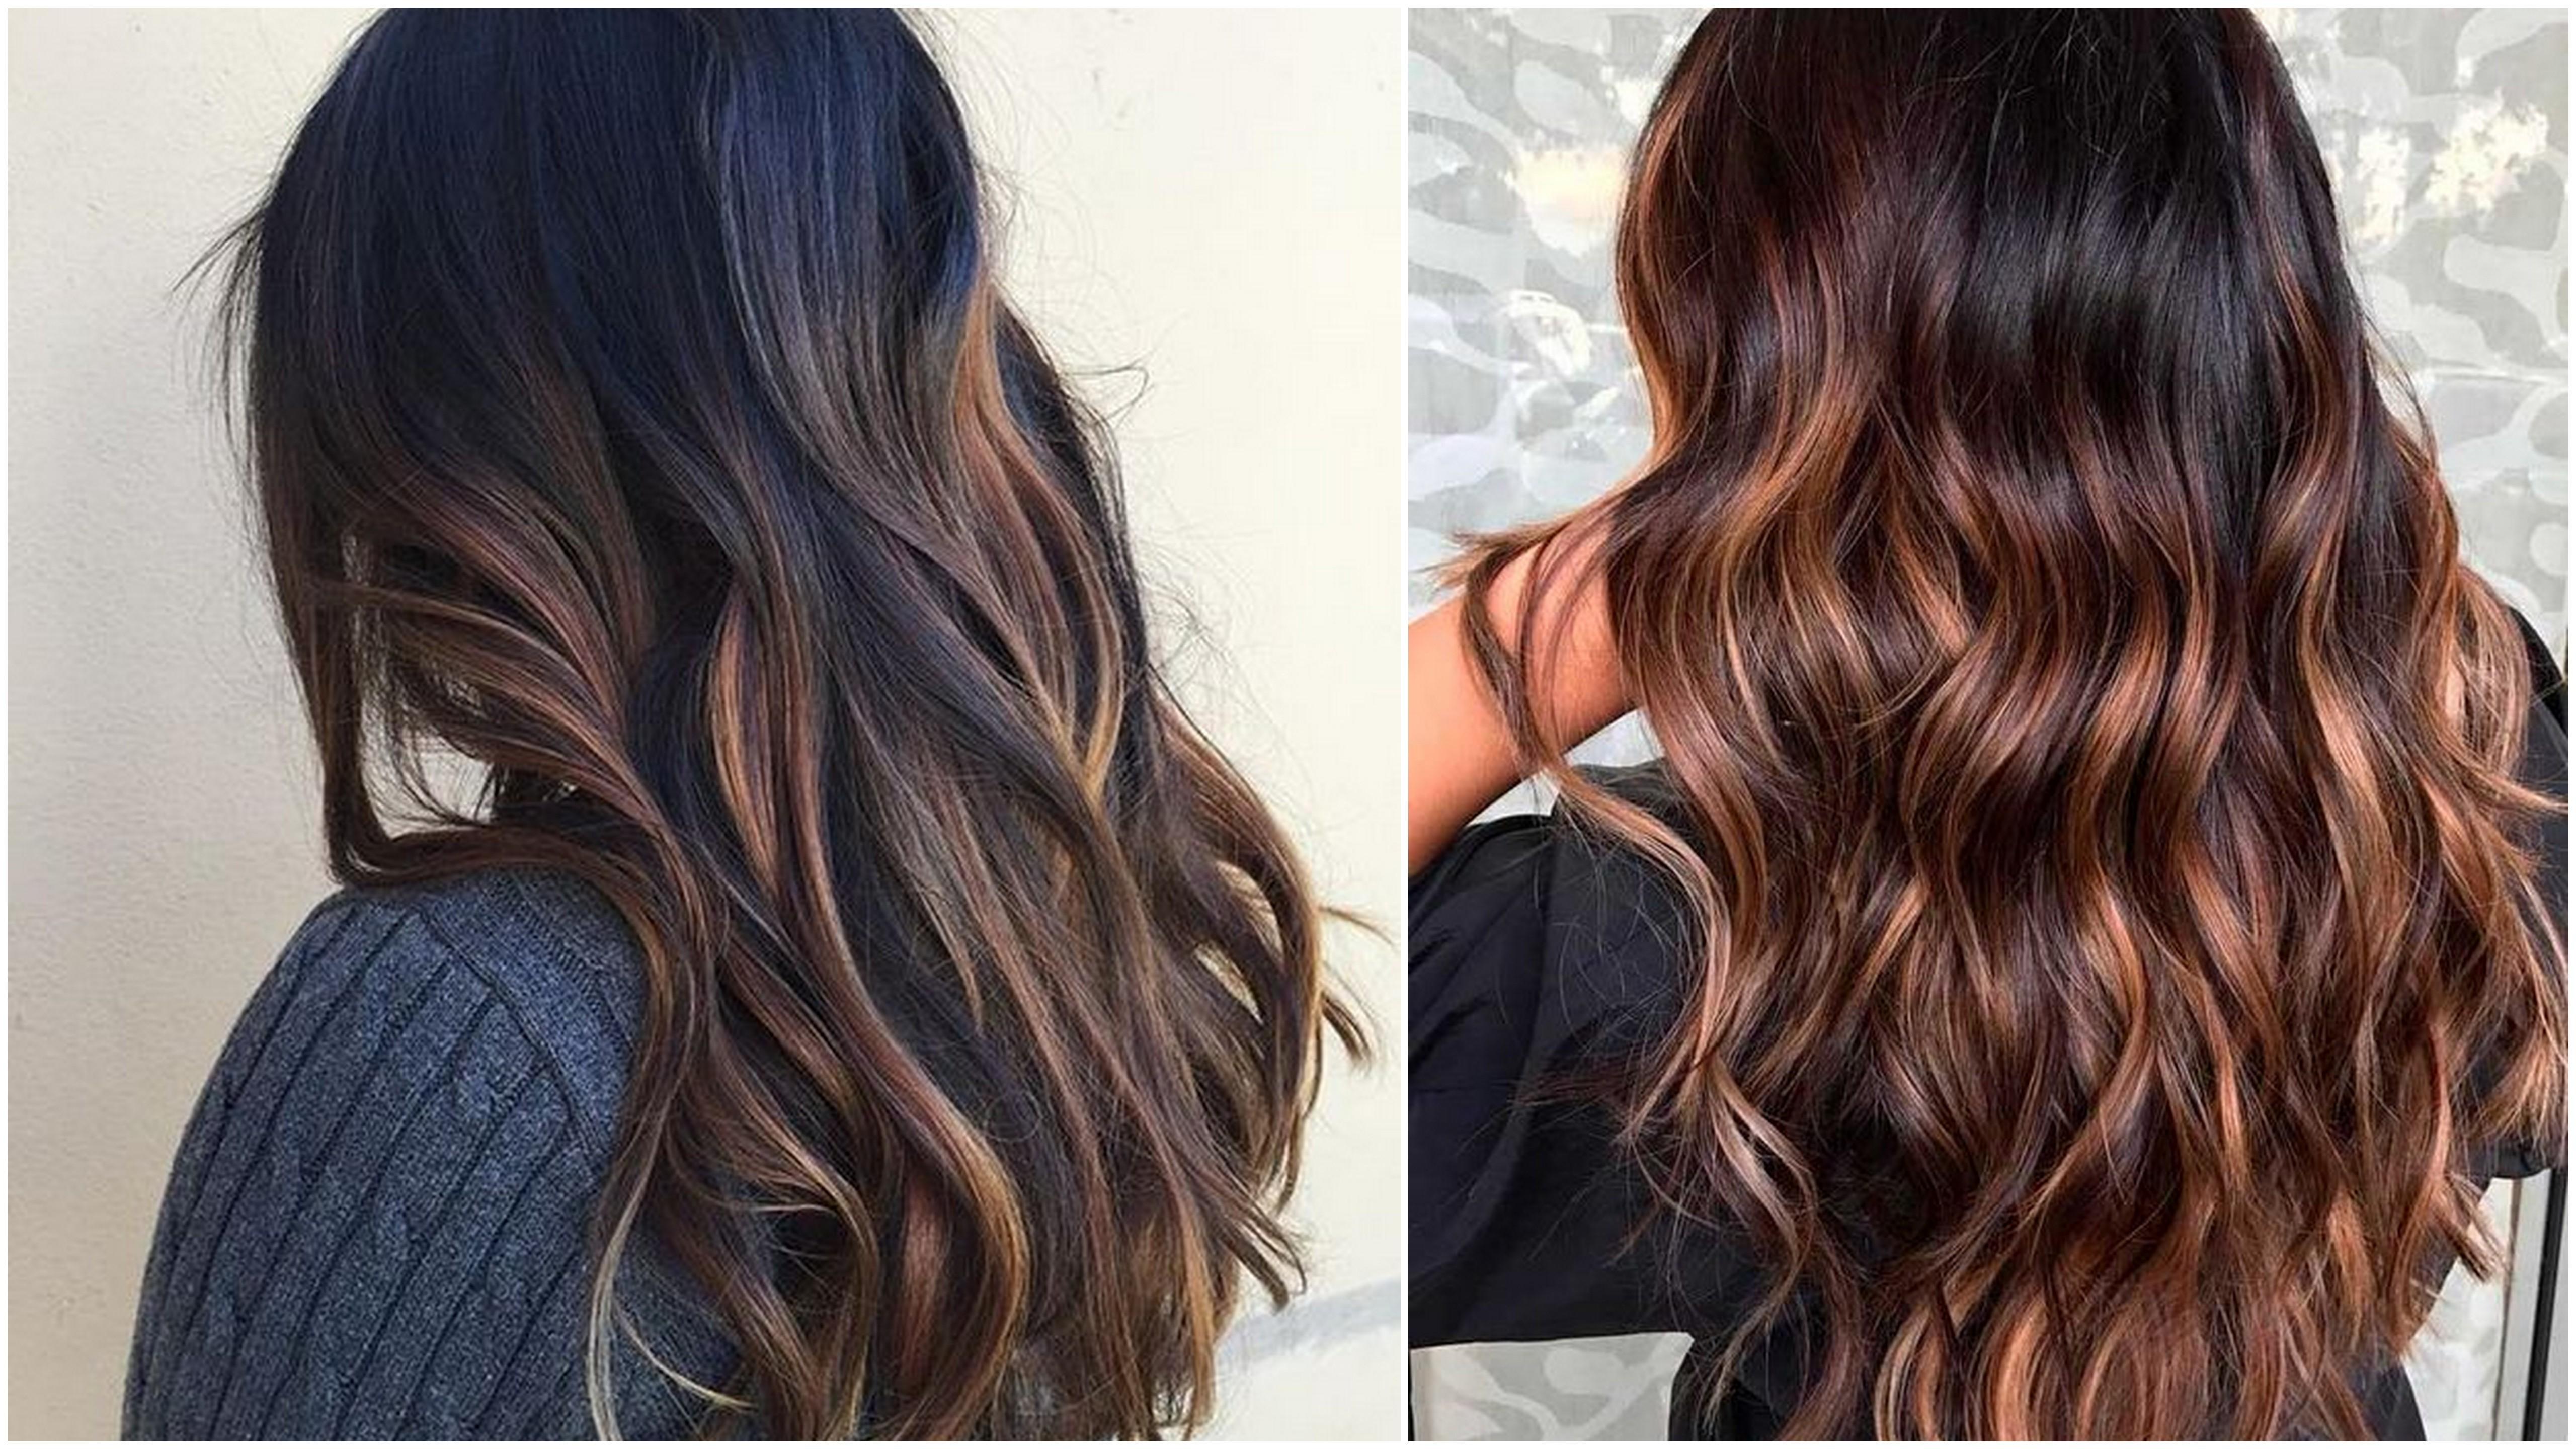 Shatush su capelli scuri  quale colore scegliere e come farlo ... 7ea41adf9a0e